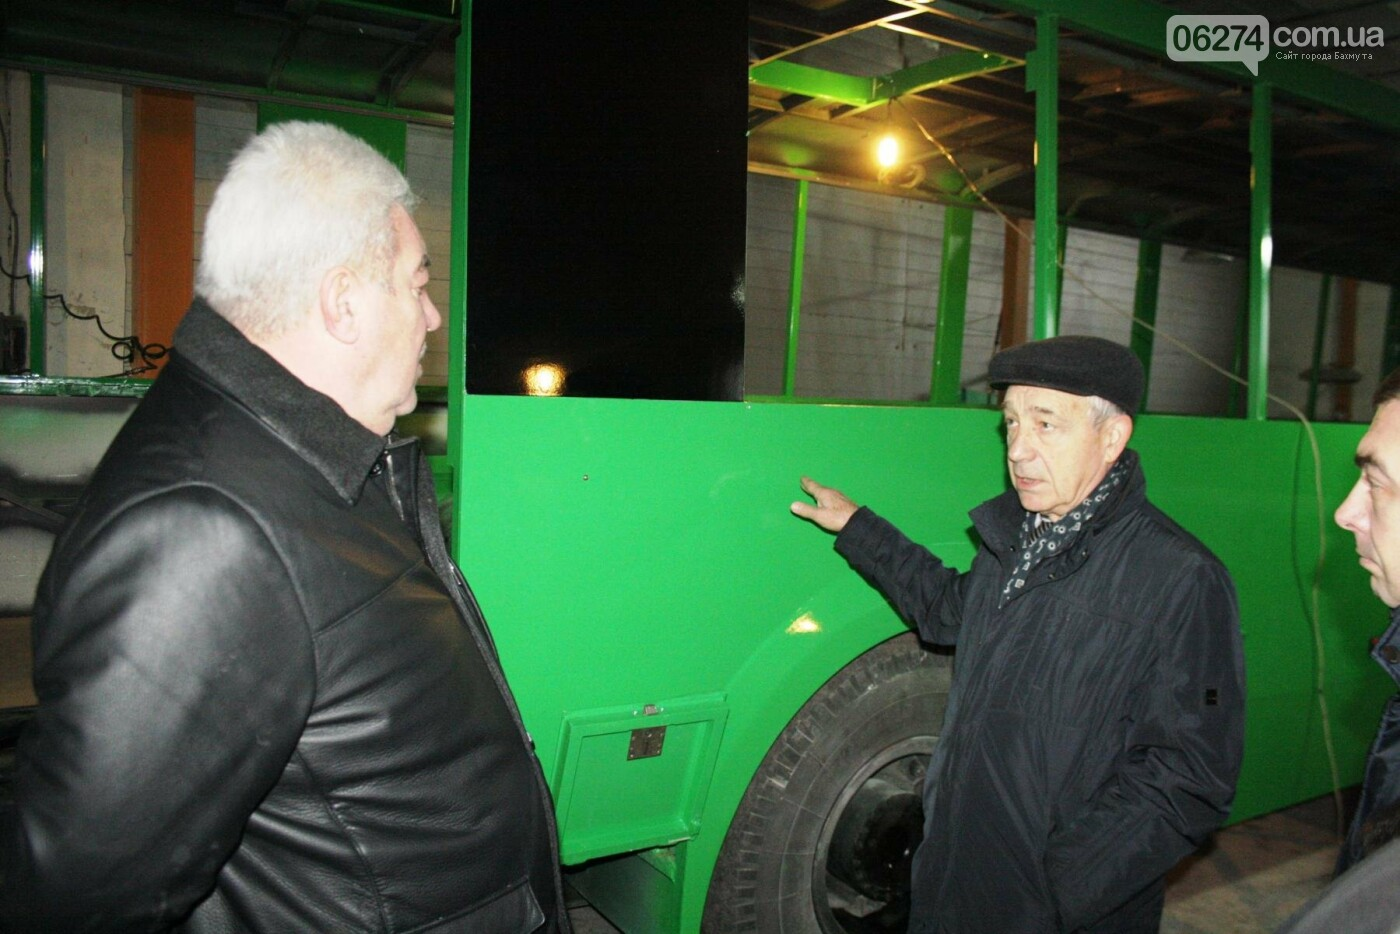 В Часовом Яре проходят работы по капитальному ремонту троллейбуса для Бахмута (ФОТО), фото-5